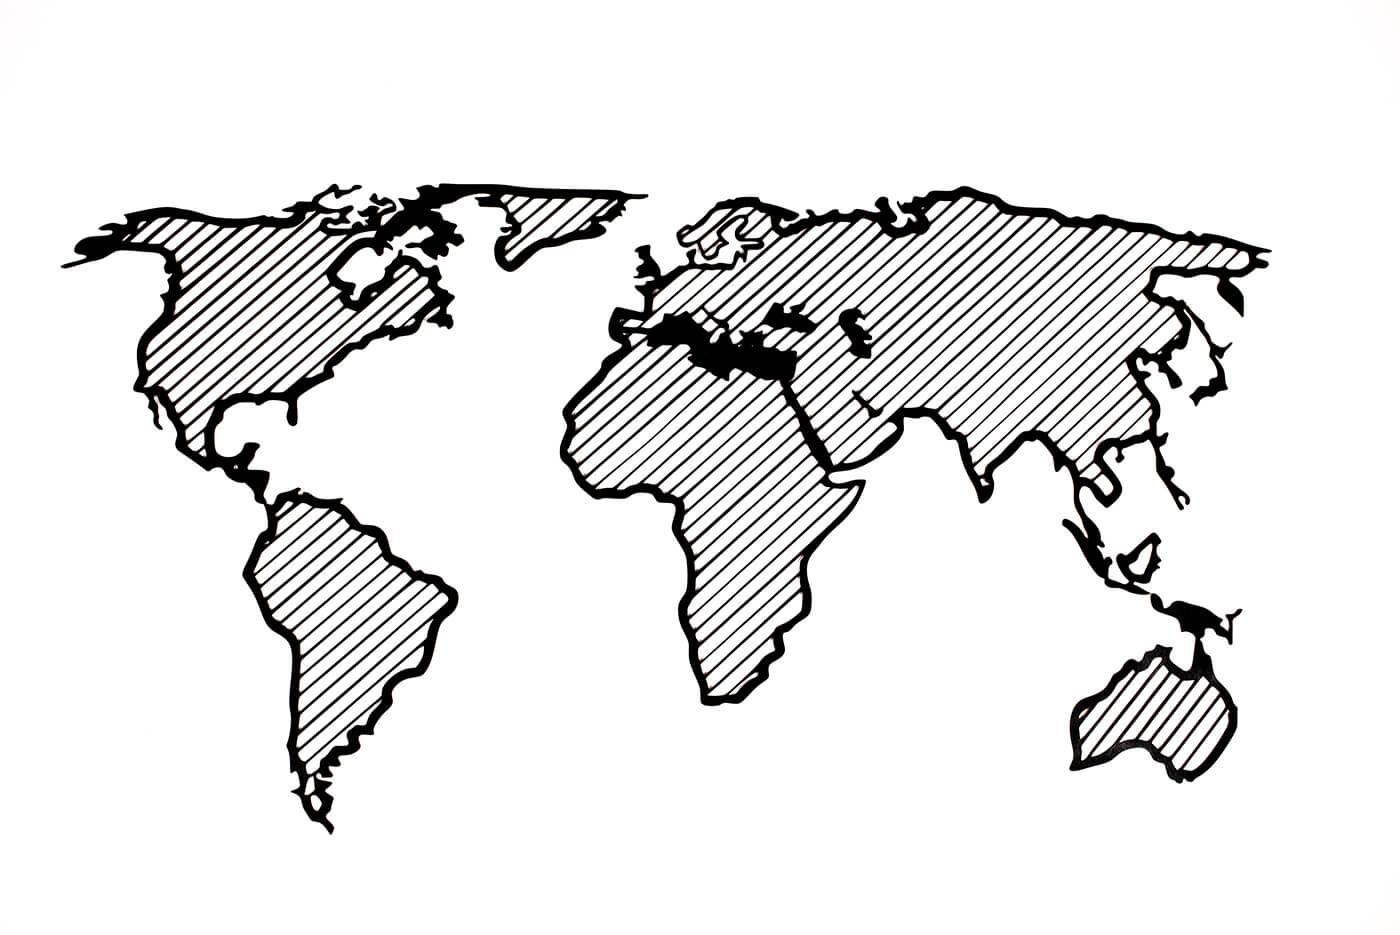 Drevená mapa sveta LINE L Traveler (bez názvov kontinentov) - rozmery 150 x 77 cm